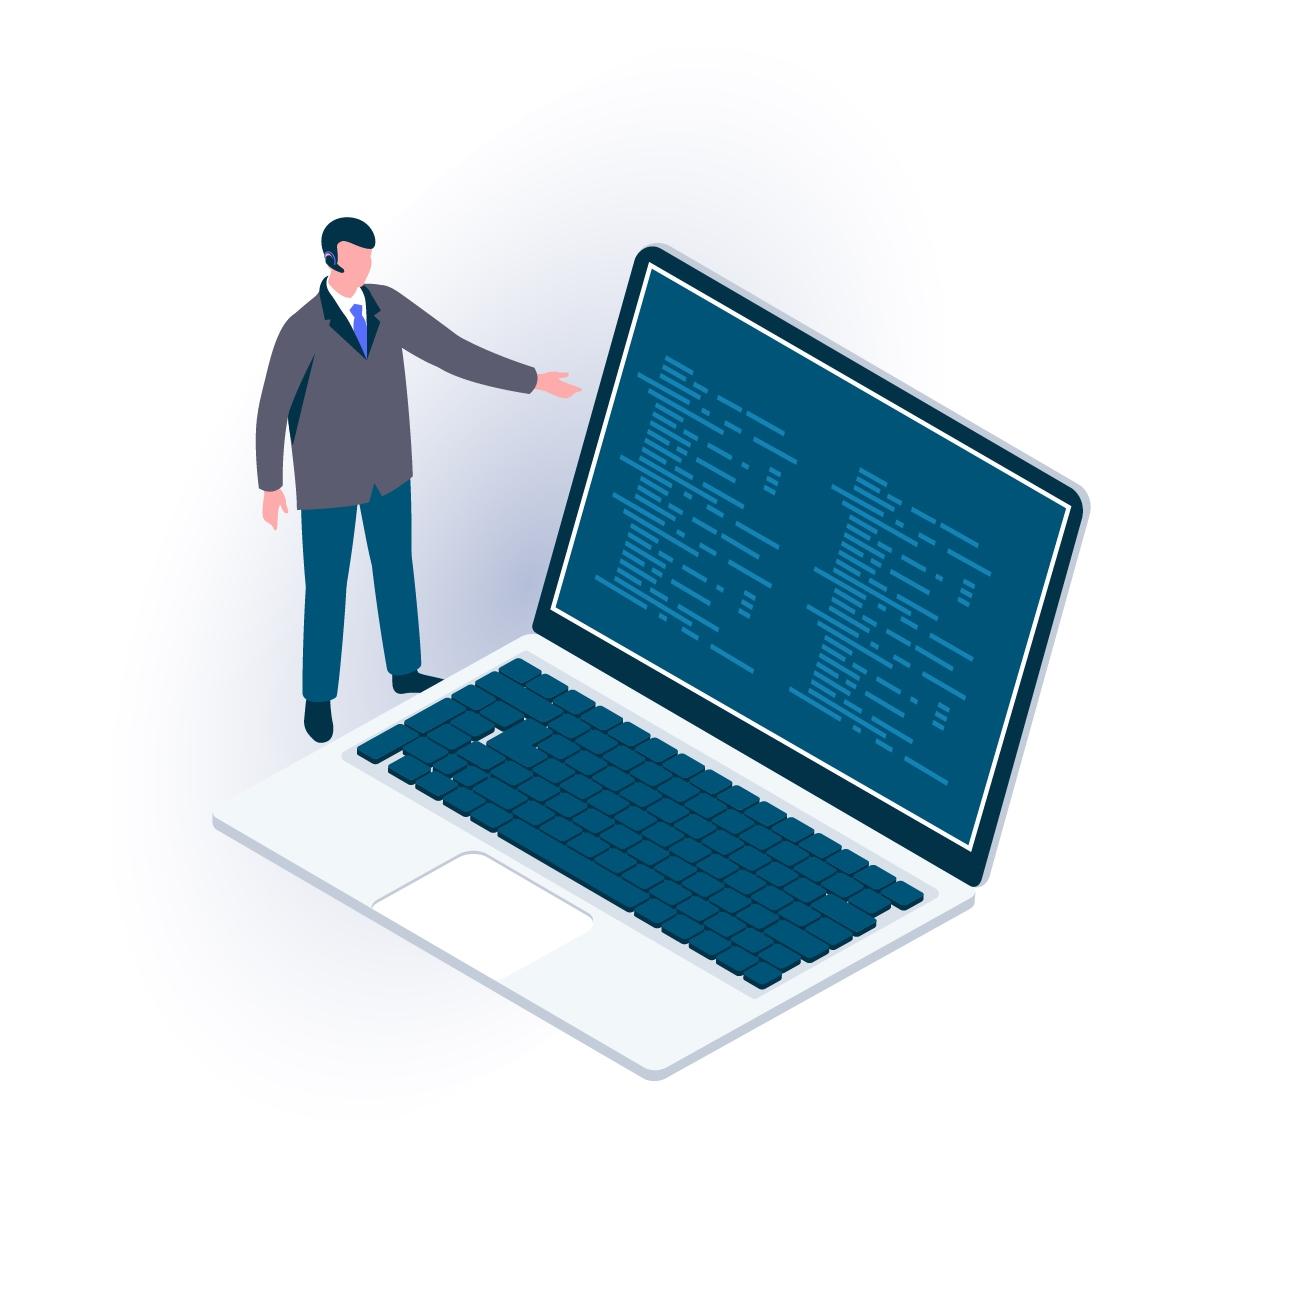 Průvodce práce s počítačem